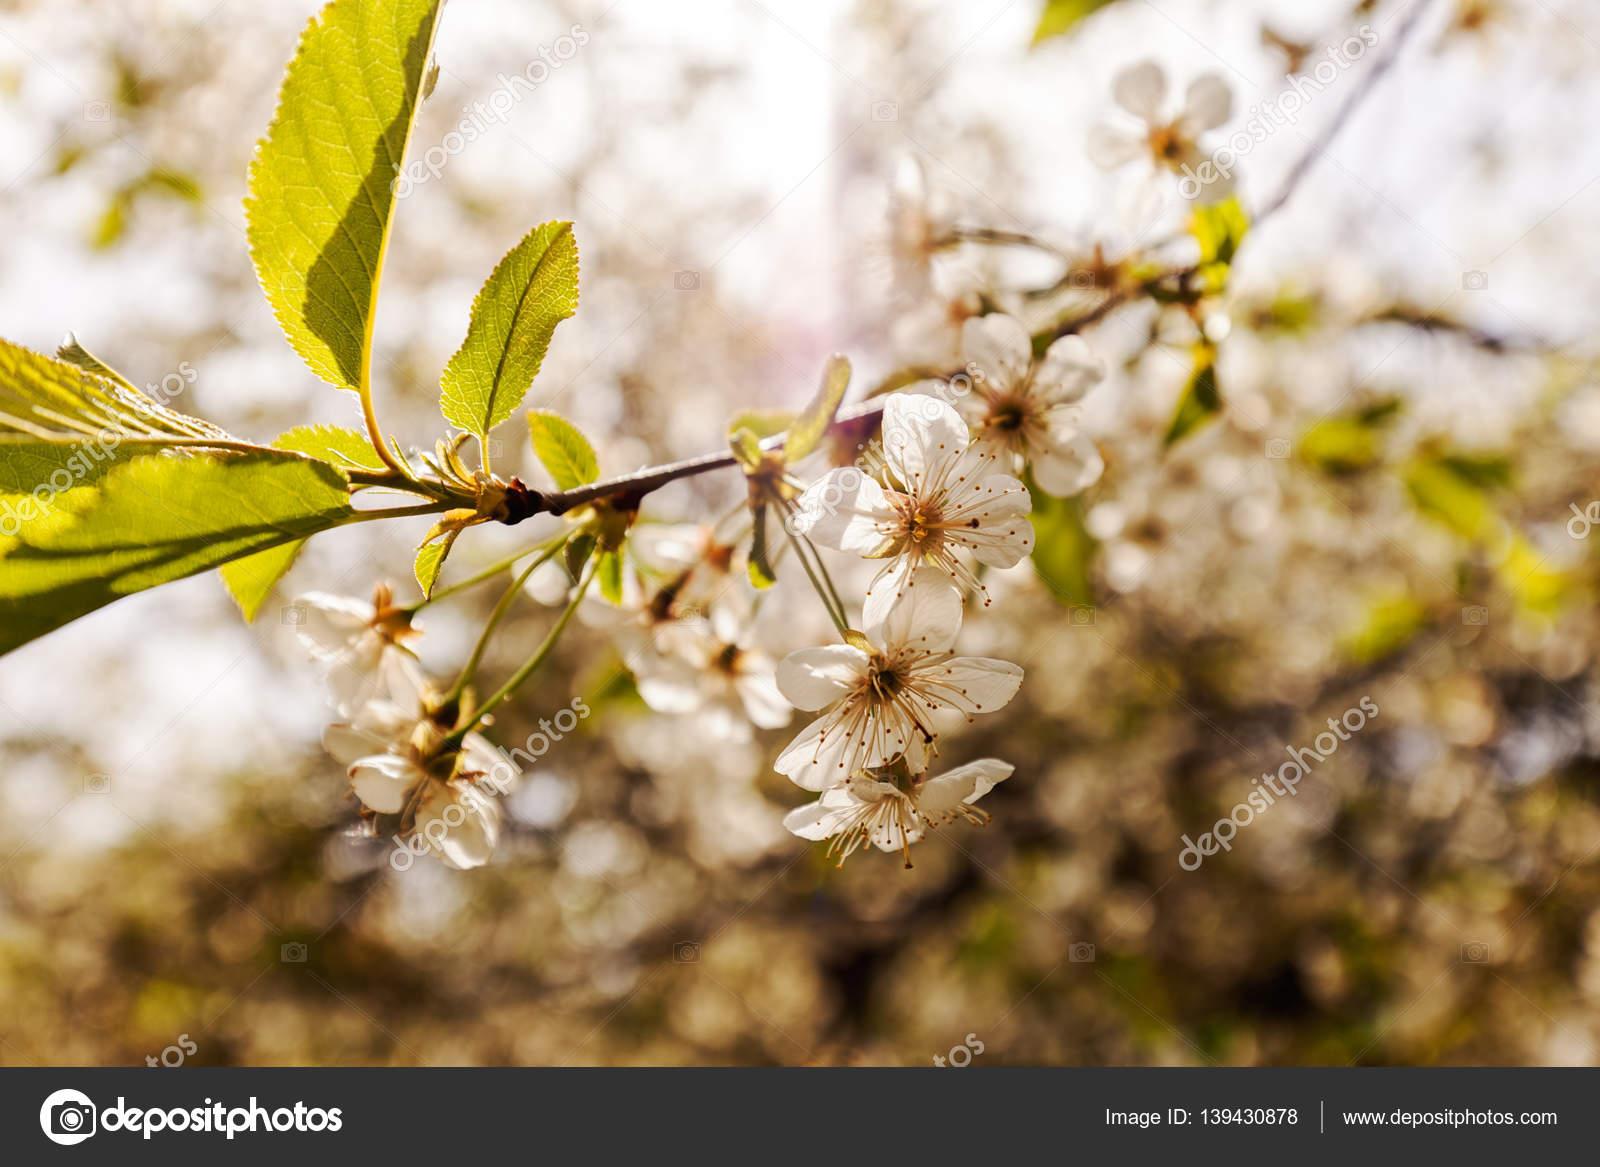 Albero Con Fiori Bianchi albero con fiori bianchi — foto stock © vladimirnenezic